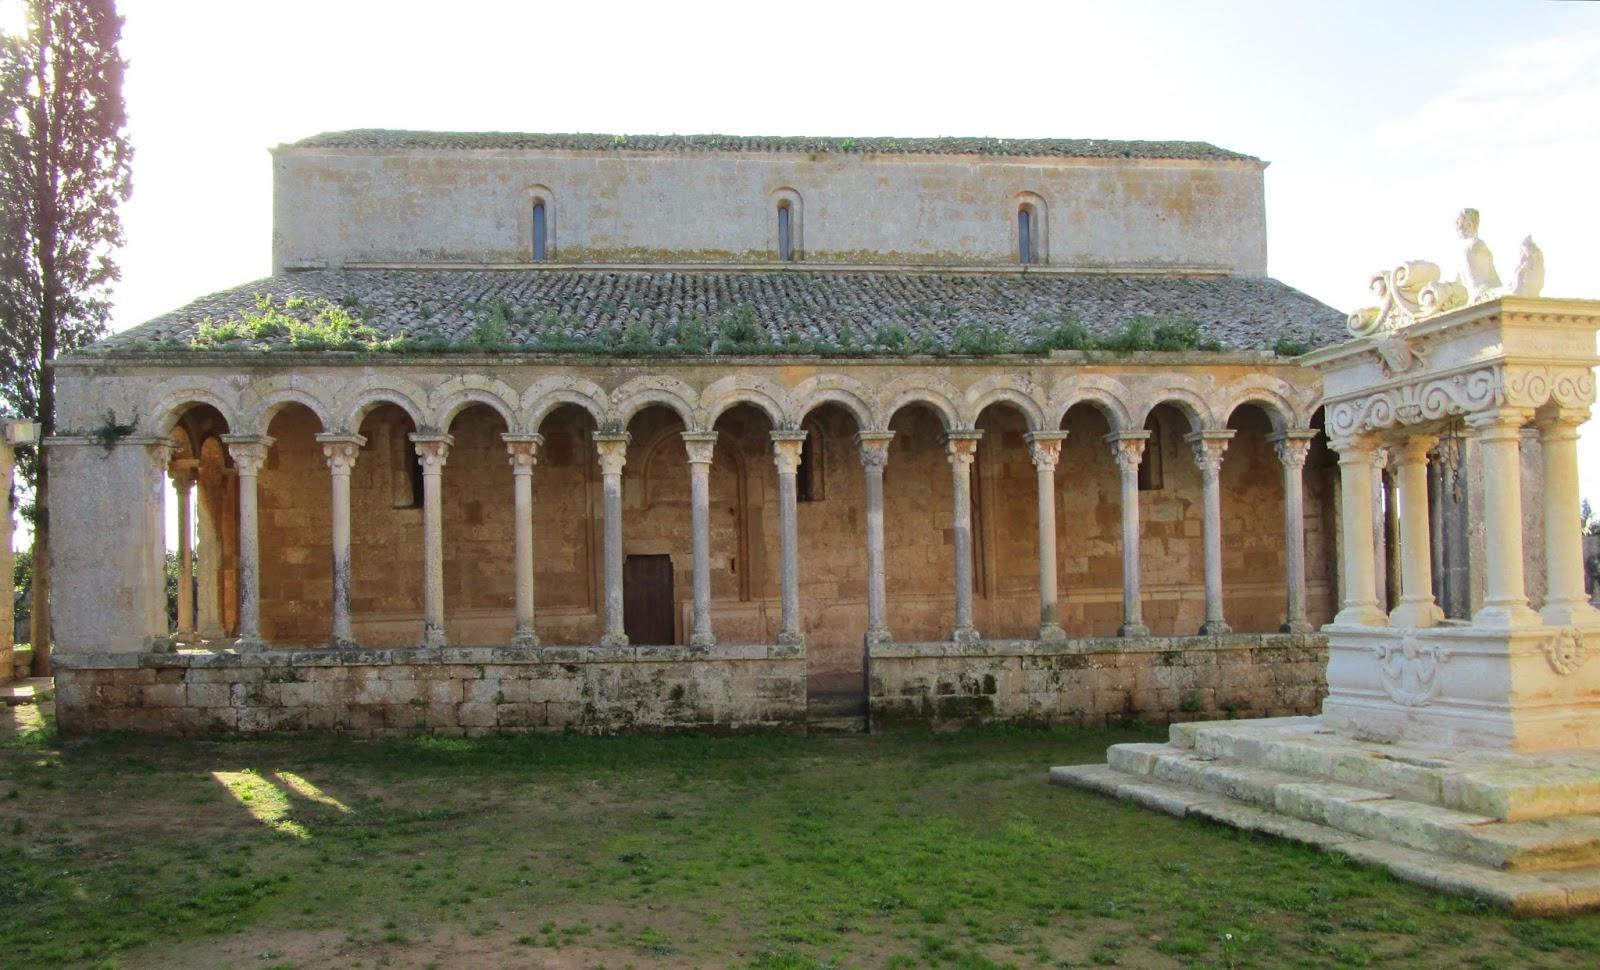 Bisanzio abbazia di santa maria di cerrate for Aggiornare le colonne del portico